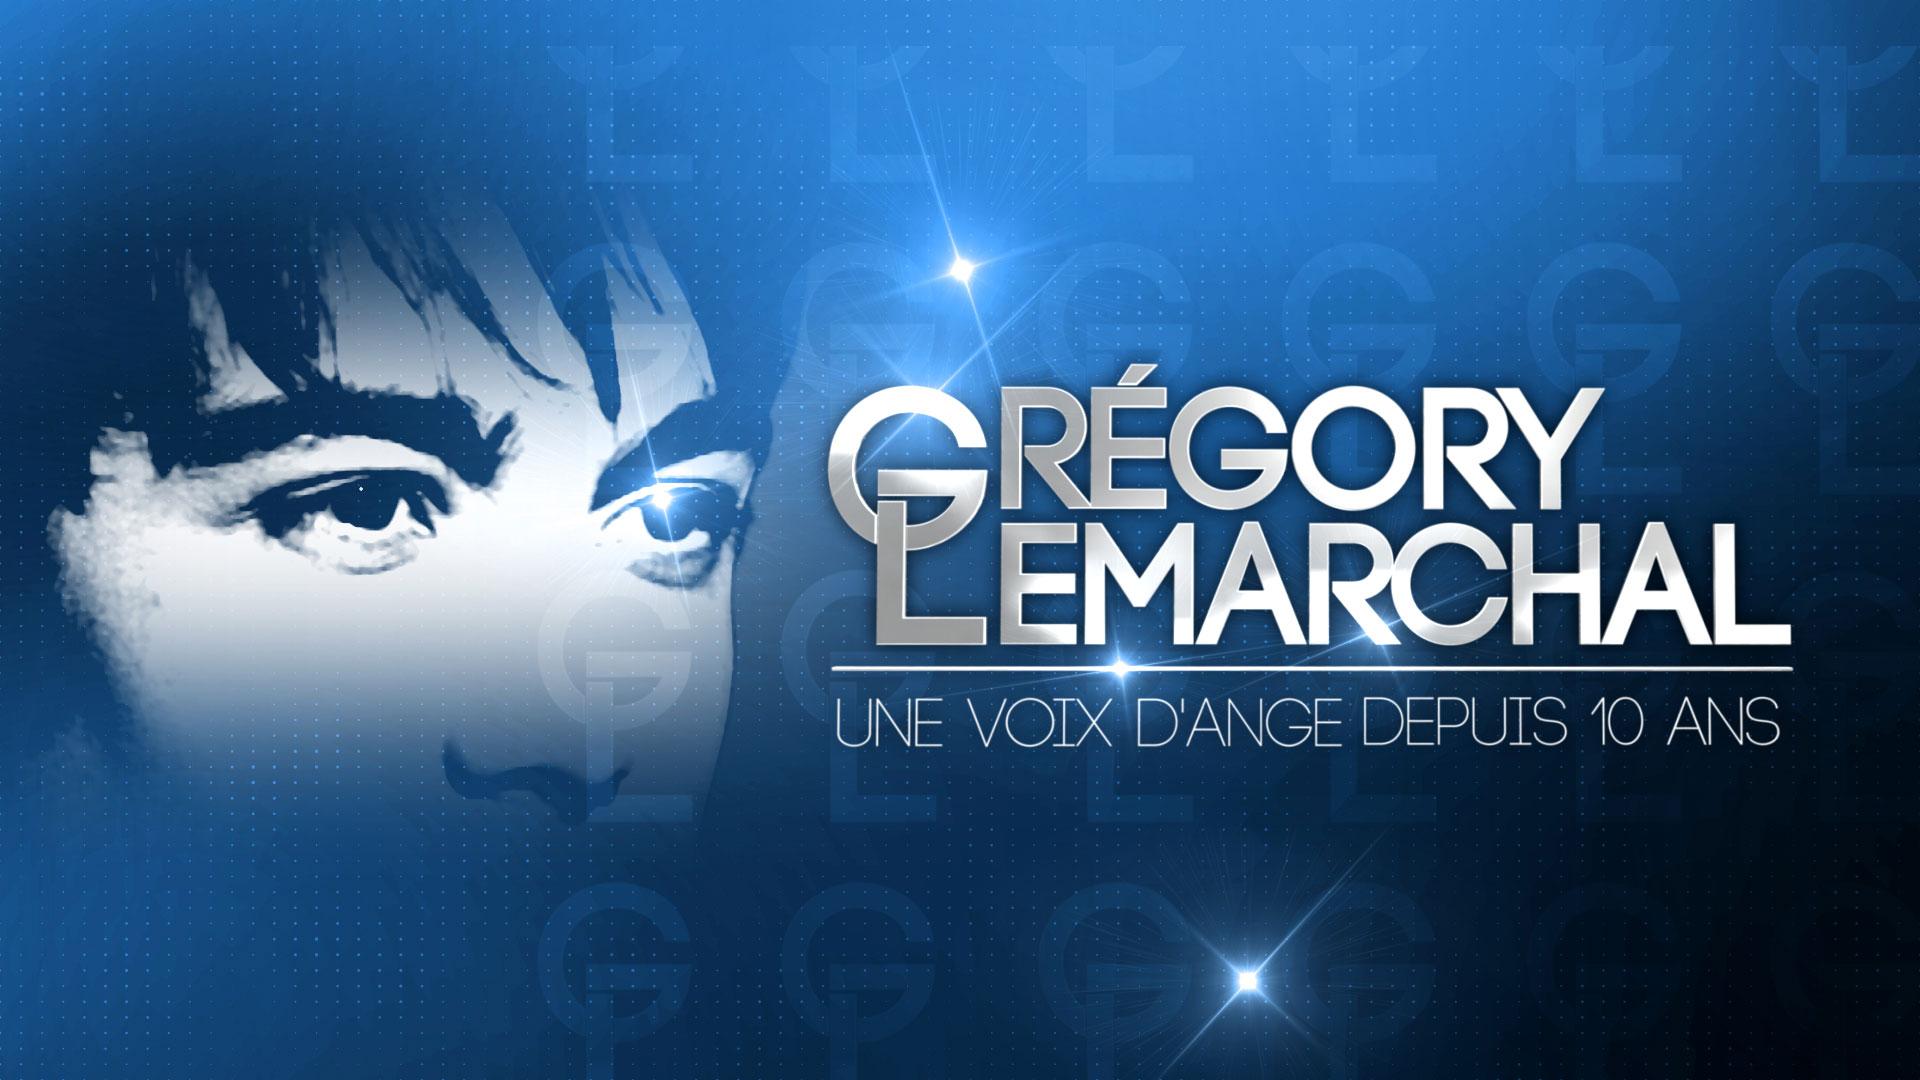 GRÉGORY LEMARCHAL – UNE VOIX D'ANGE DEPUIS 10 ANS